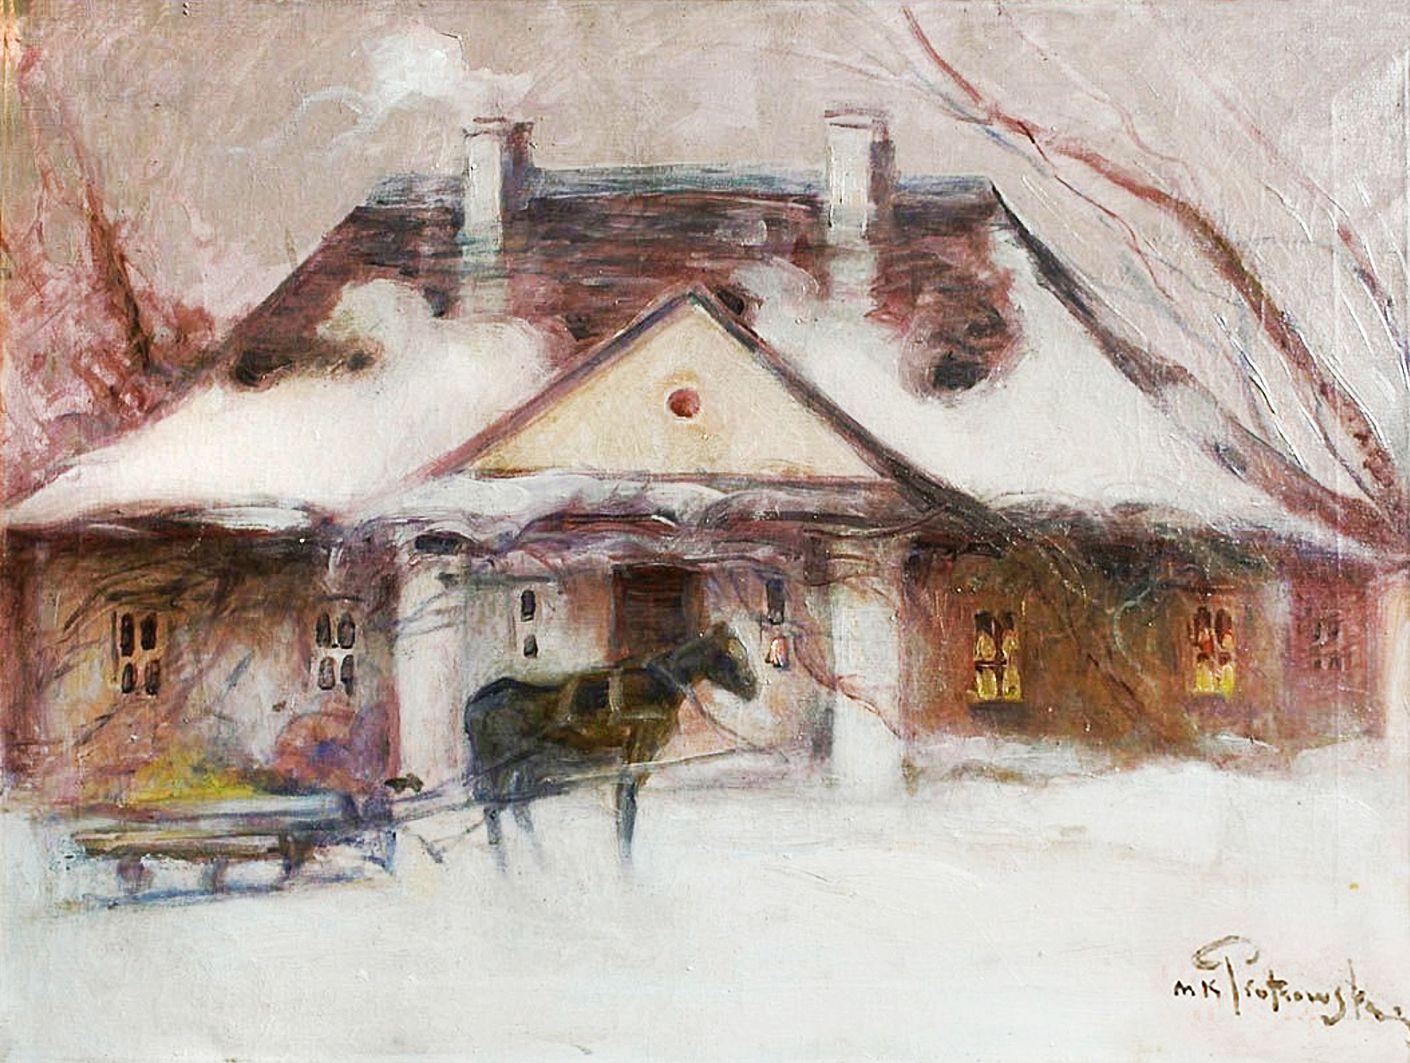 Мечислав Корвін Пьотровський. Садиба взимку, 1915